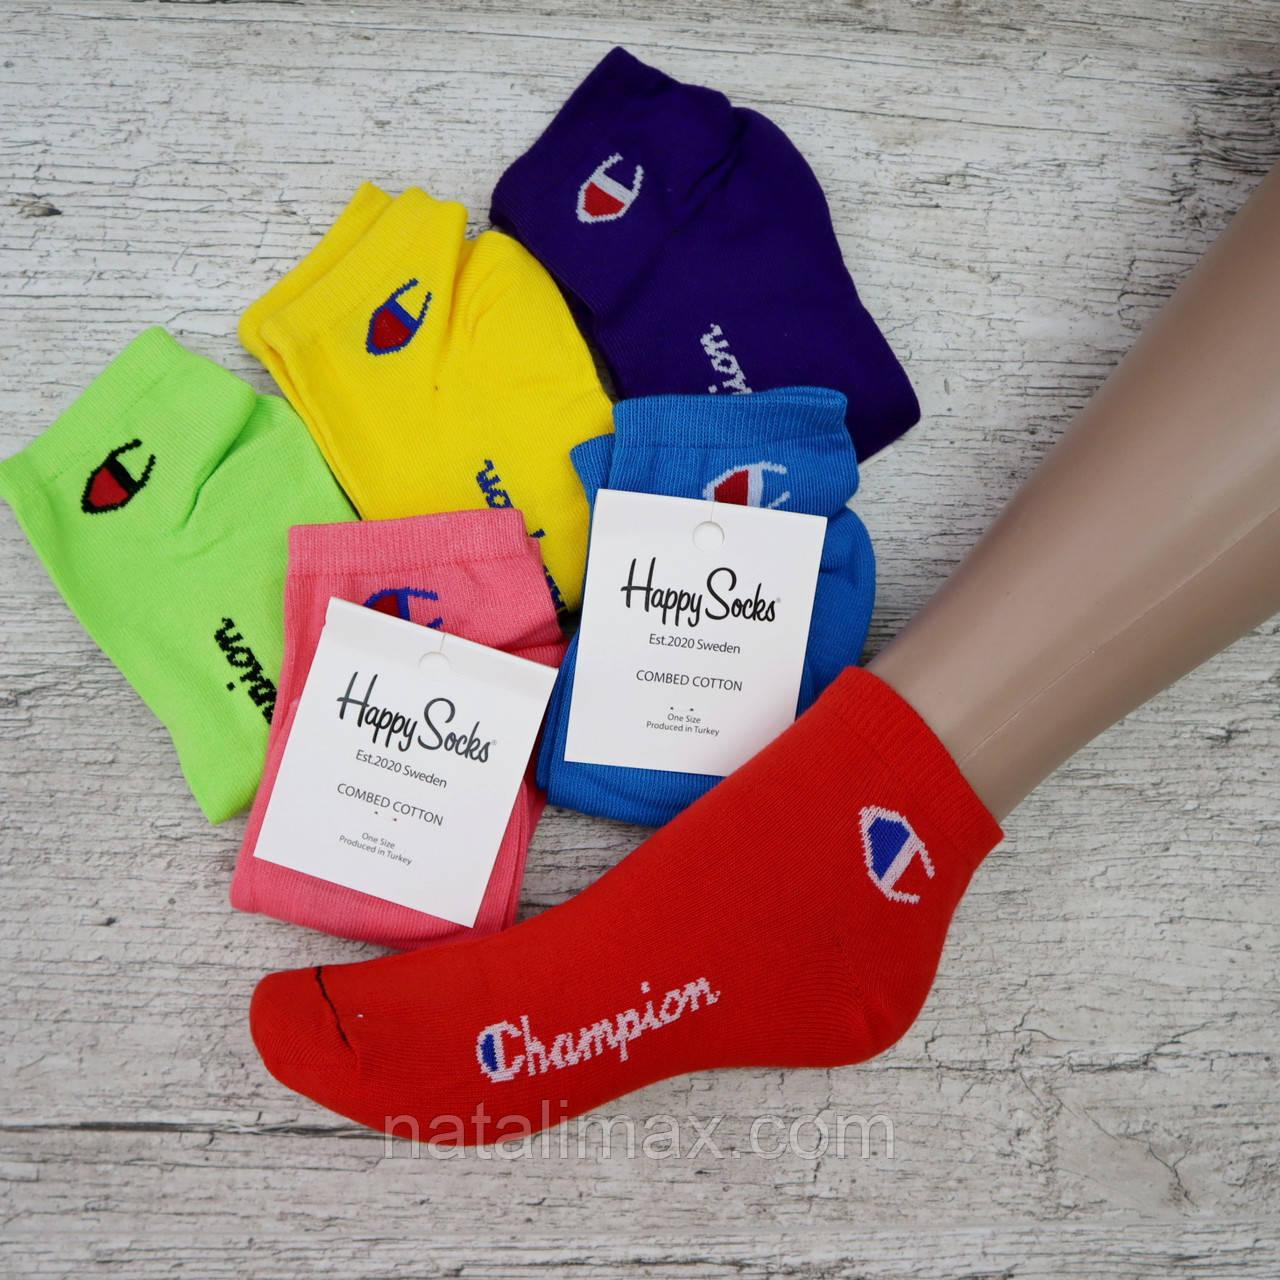 """Носки для детей, размер 9 лет, """"Happy Sokcs"""". Детские носочки, Турция"""